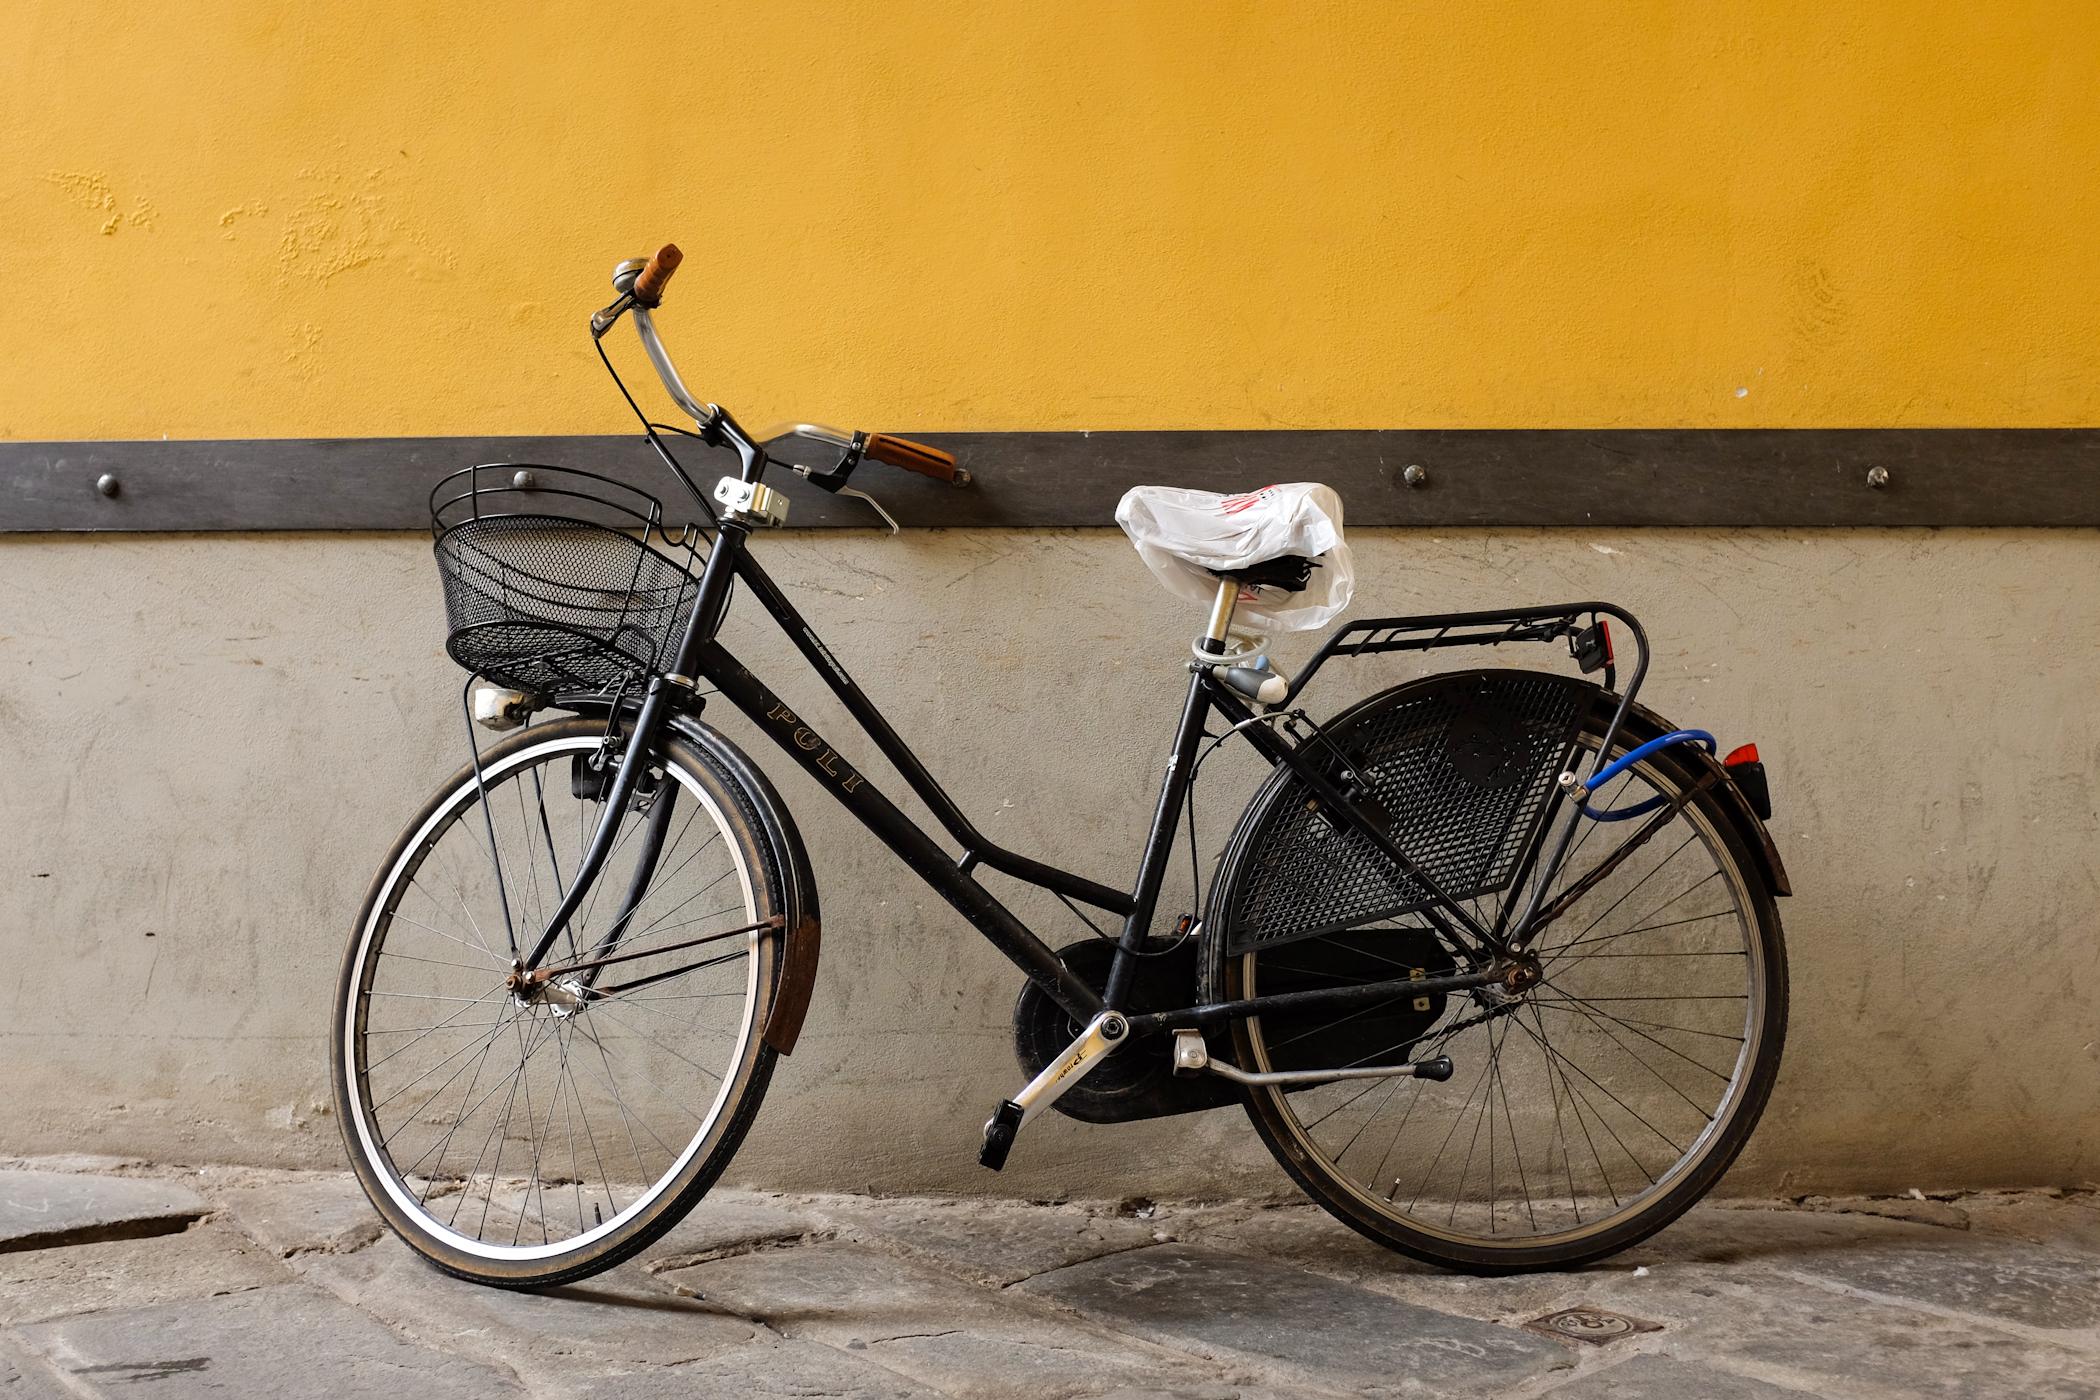 palermo bicicletti di firenze jan15-34.jpg